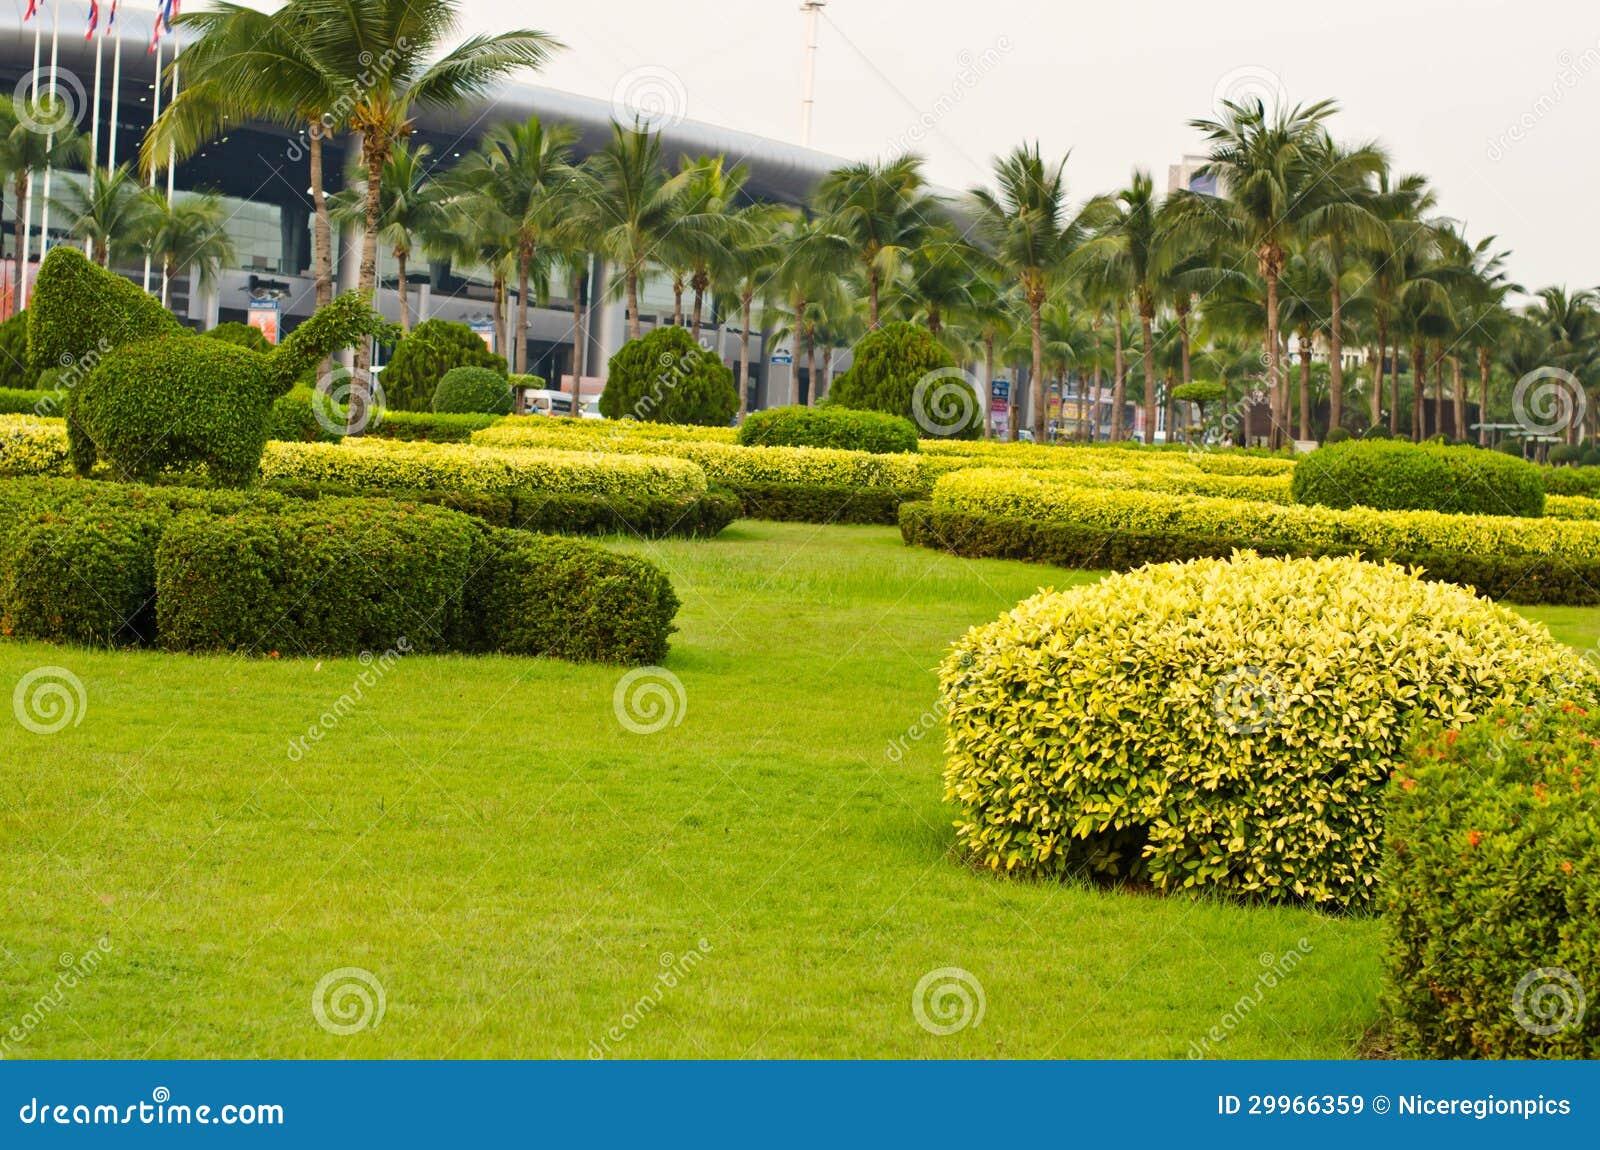 imagens jardins lindos : imagens jardins lindos:Imagens de Stock Royalty Free: Jardins bonitos.